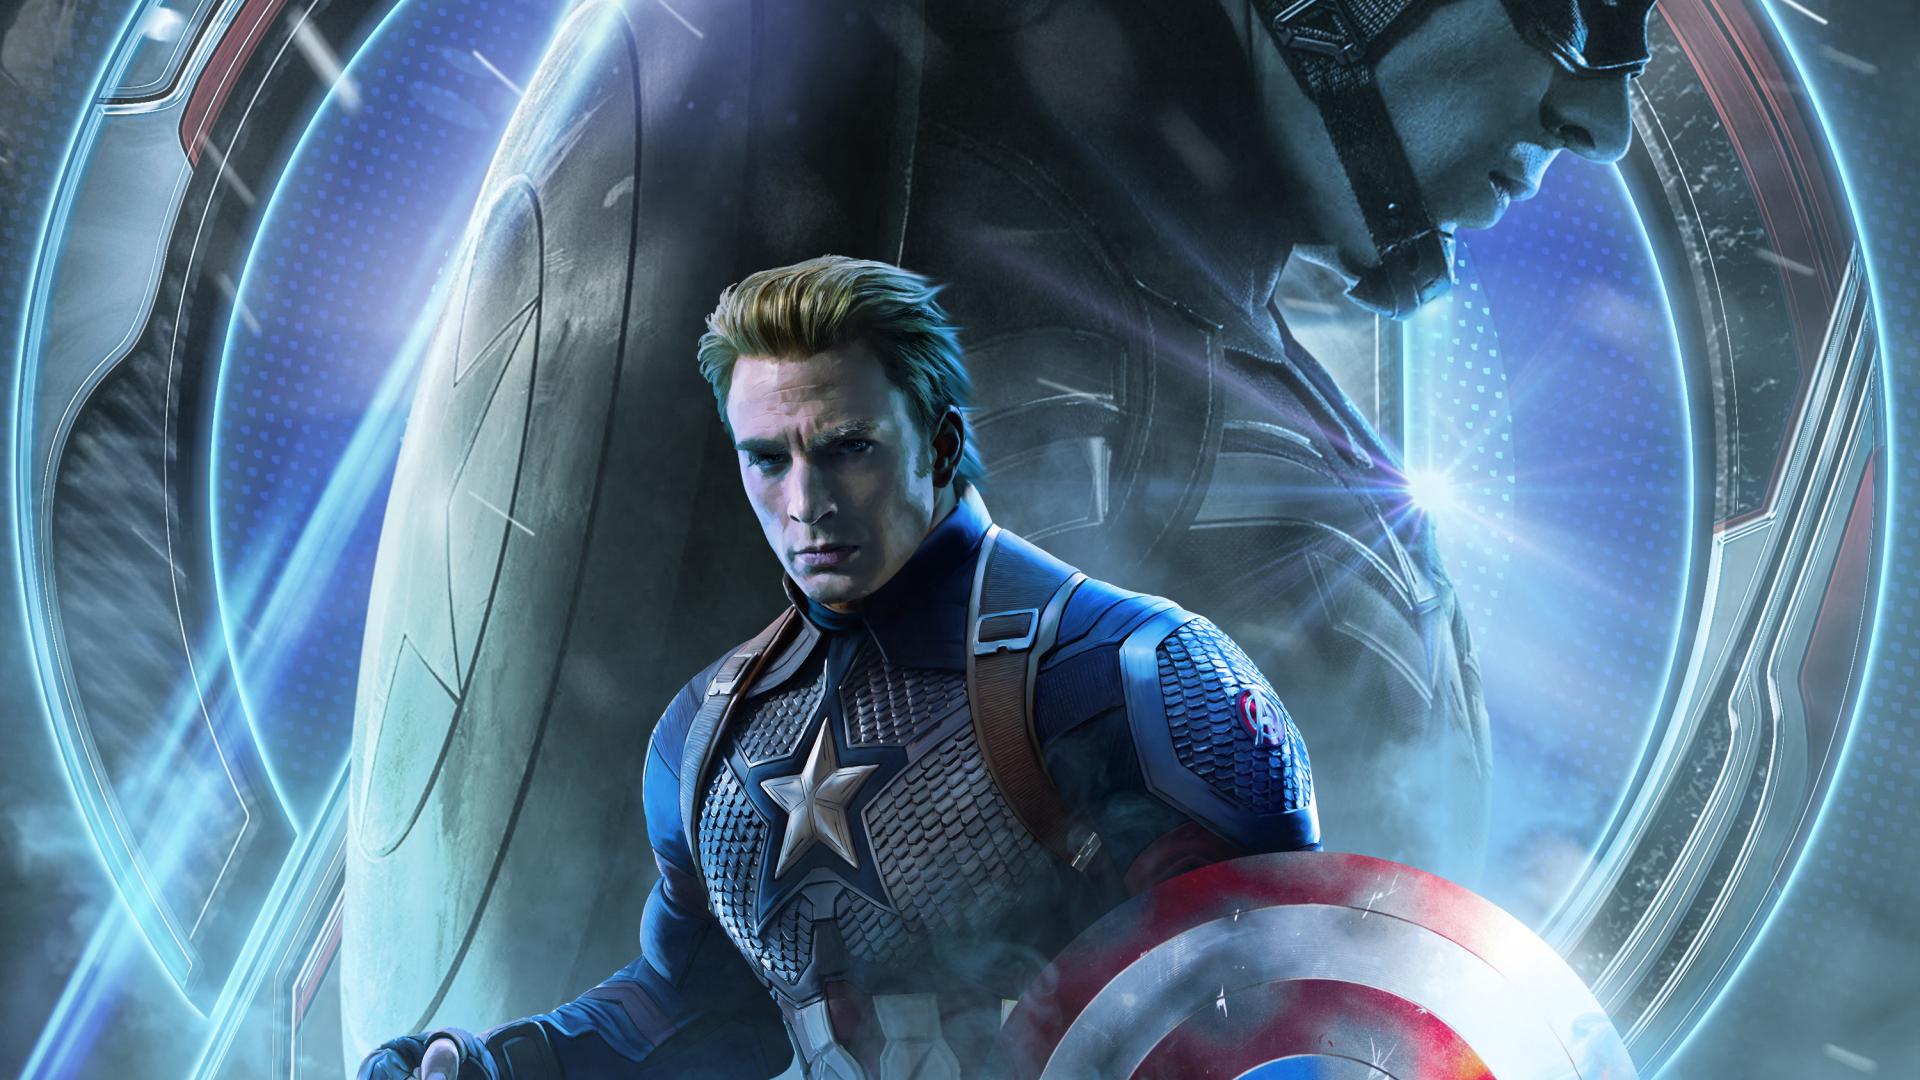 1920x1080 Avengers Endgame Captain America Poster Art 1080p Laptop